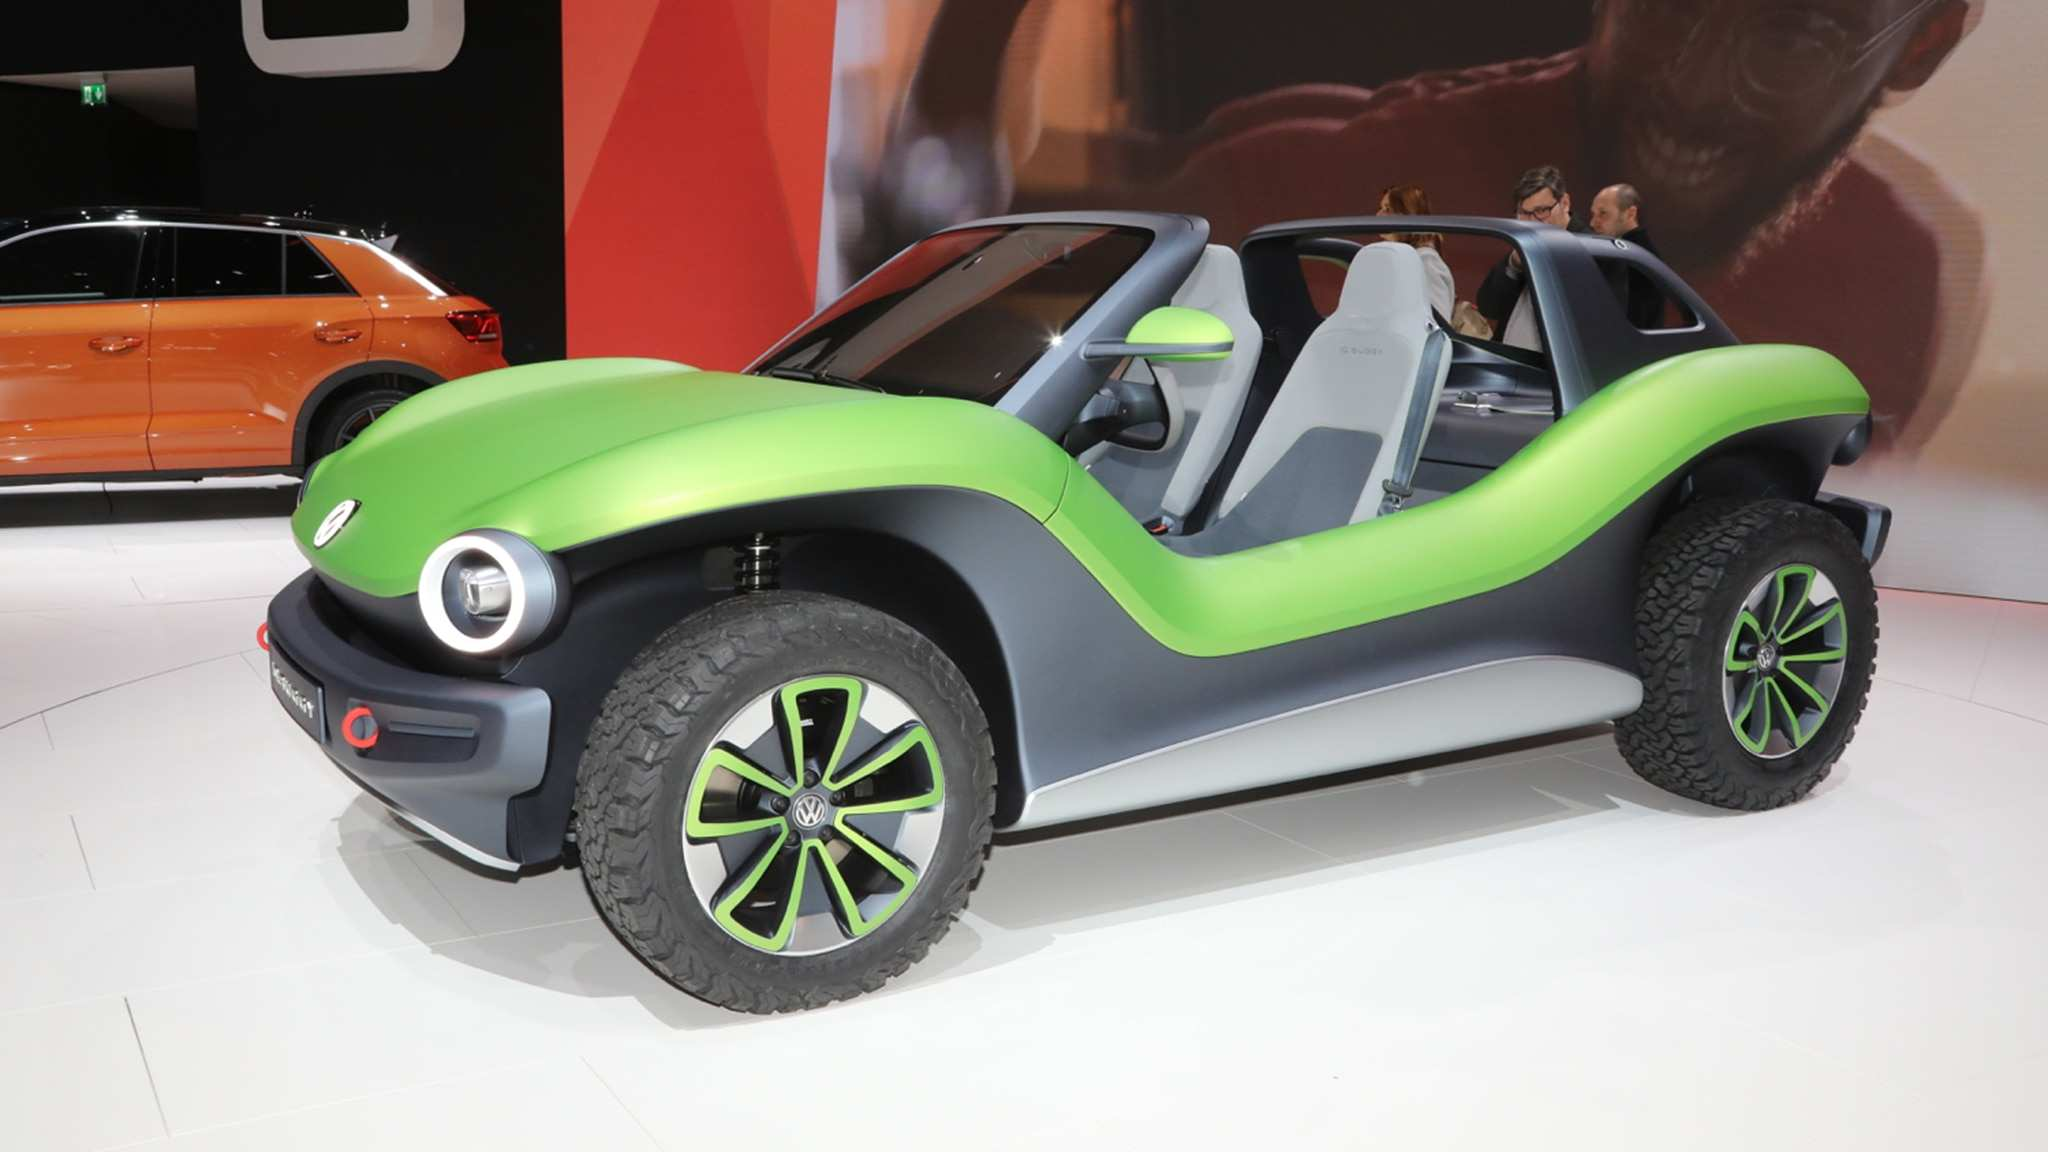 39 Best Review 2020 Volkswagen Dune Buggy Redesign for 2020 Volkswagen Dune Buggy